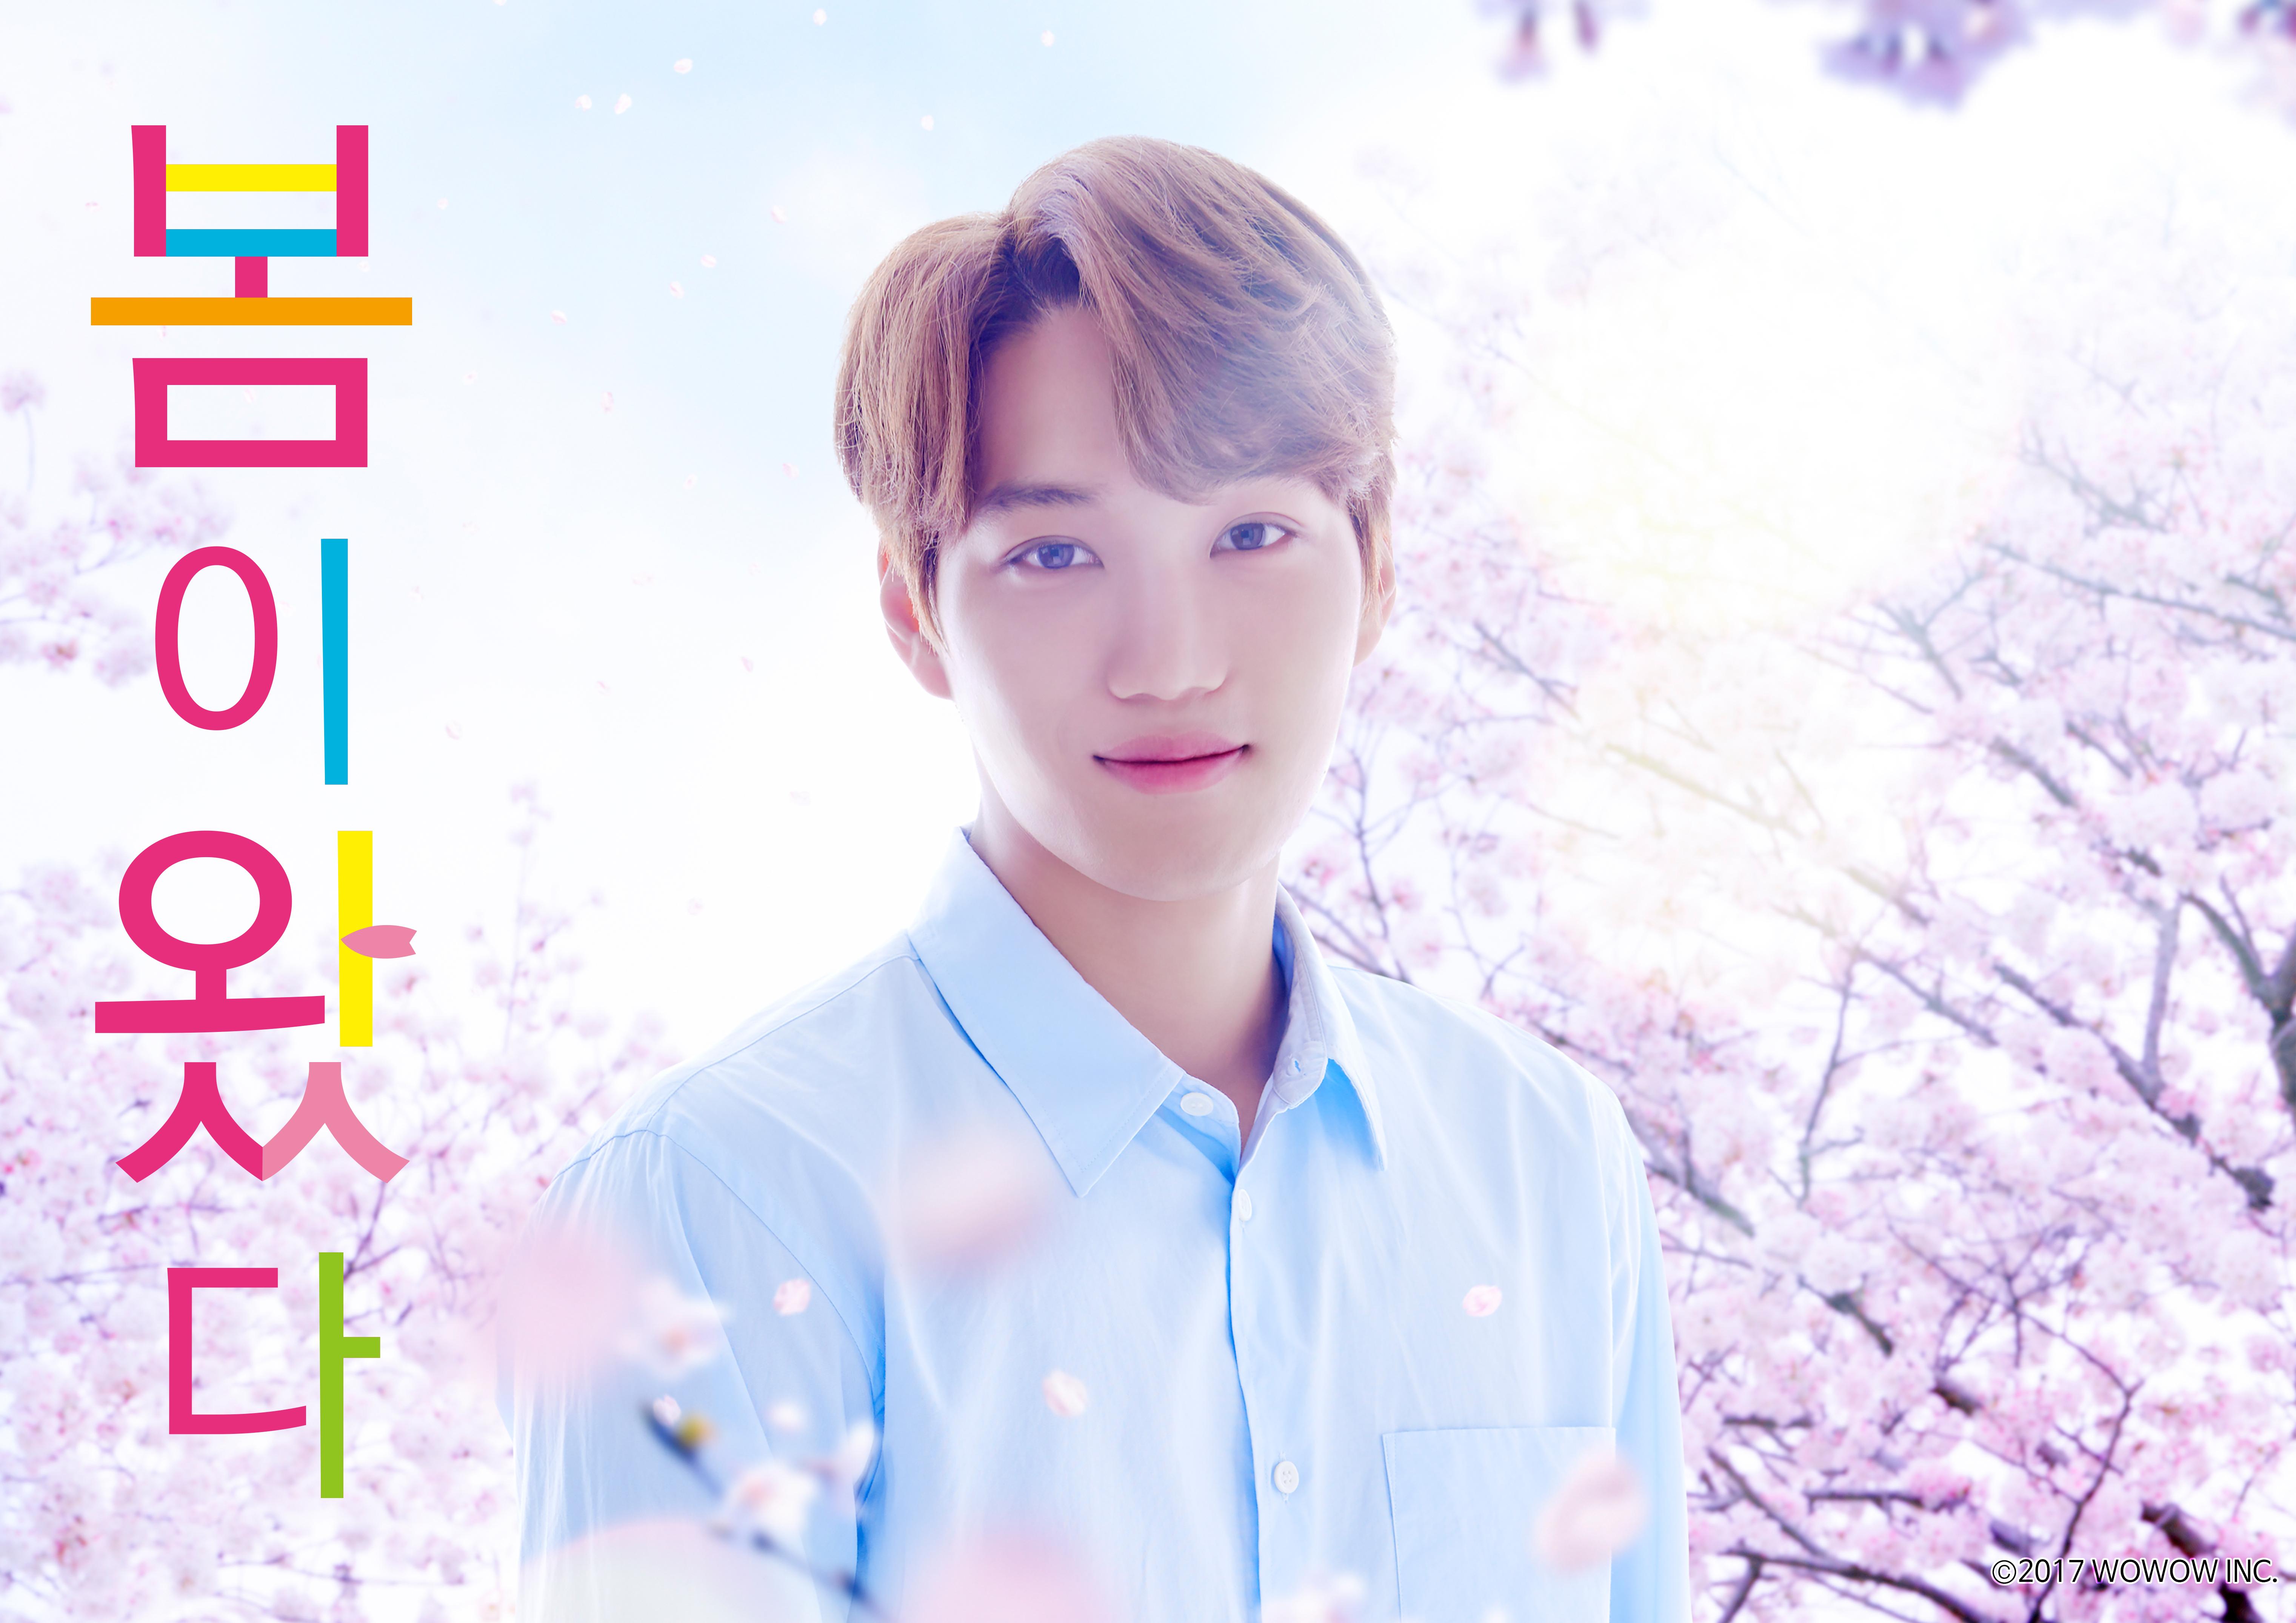 엑소 카이 주연 일본드라마 <봄이 왔다>, iMBC 해외드라마관에서 국내 최초 다시 보기 서비스 개시!